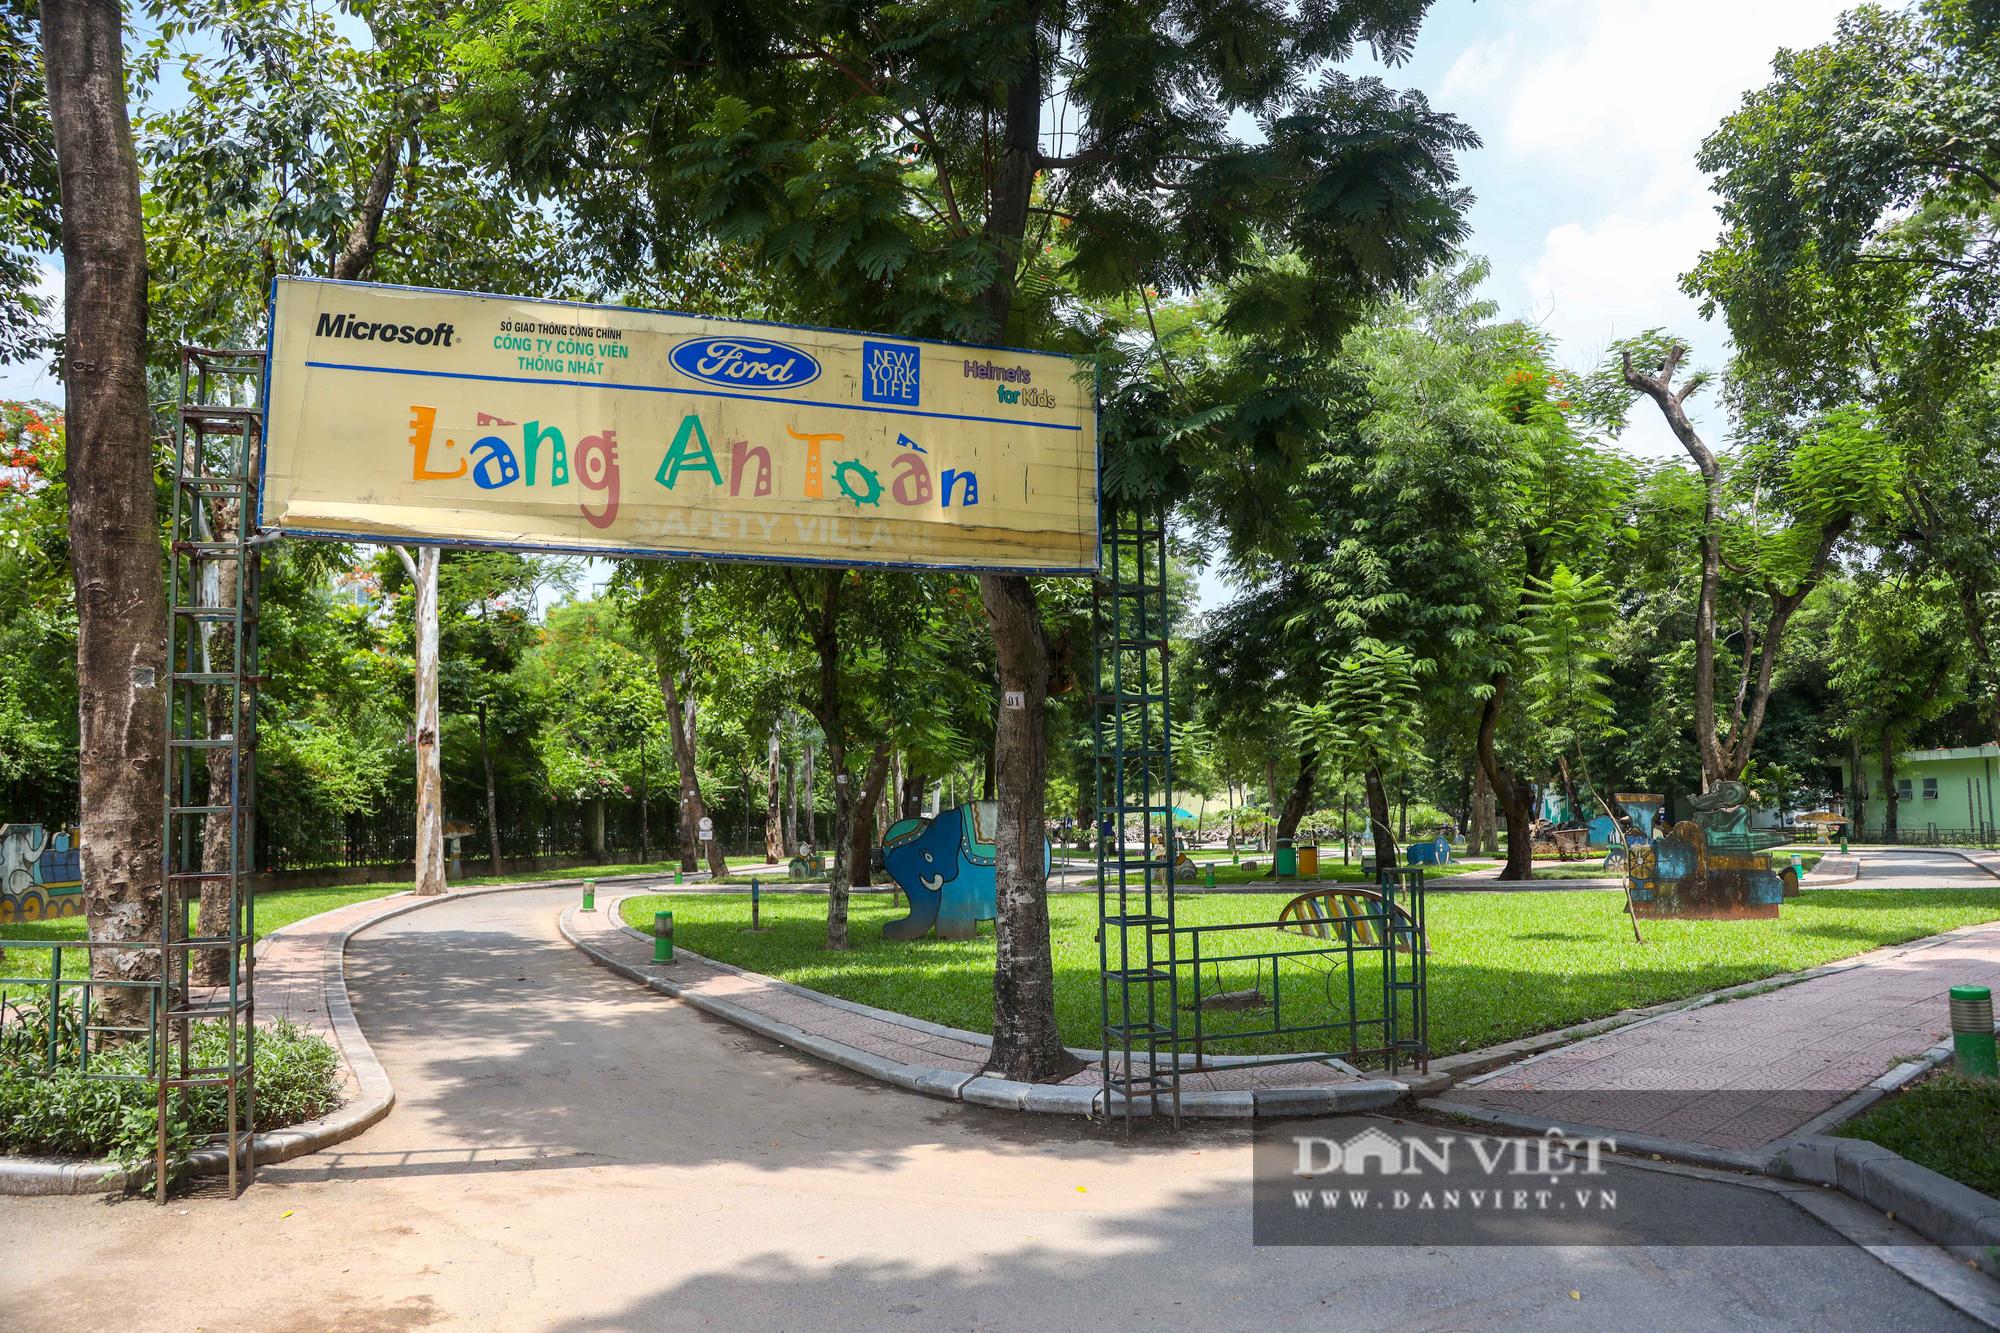 Hà Nội: Nhiều trò chơi trong công viên Thống Nhất ế ẩm, xuống cấp - Ảnh 9.